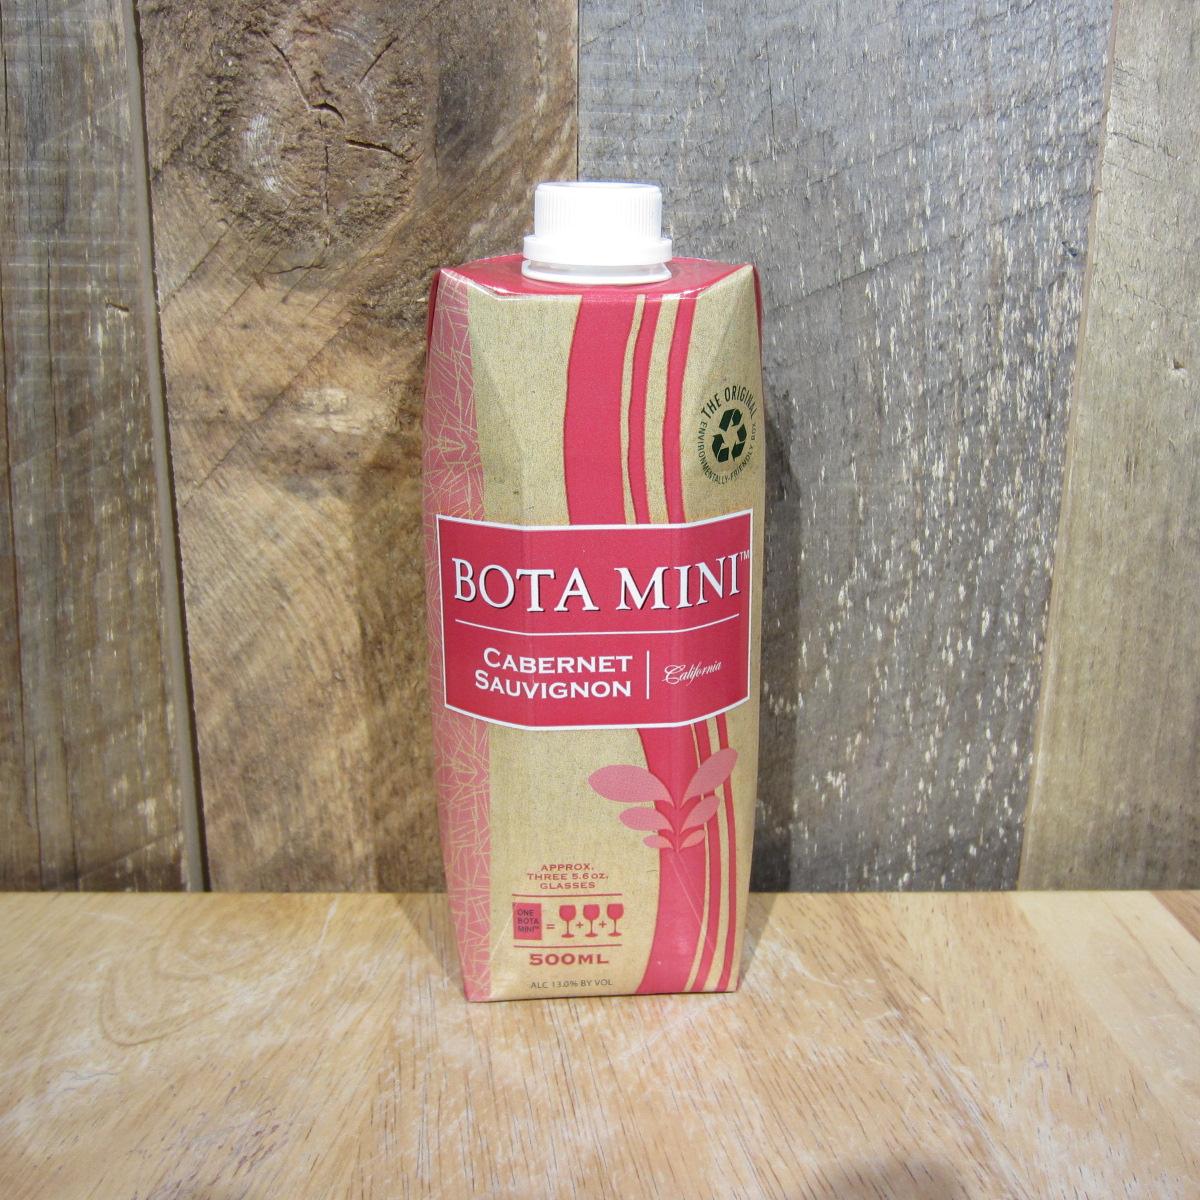 Bota Box Mini Cabernet Sauvignon 500ml